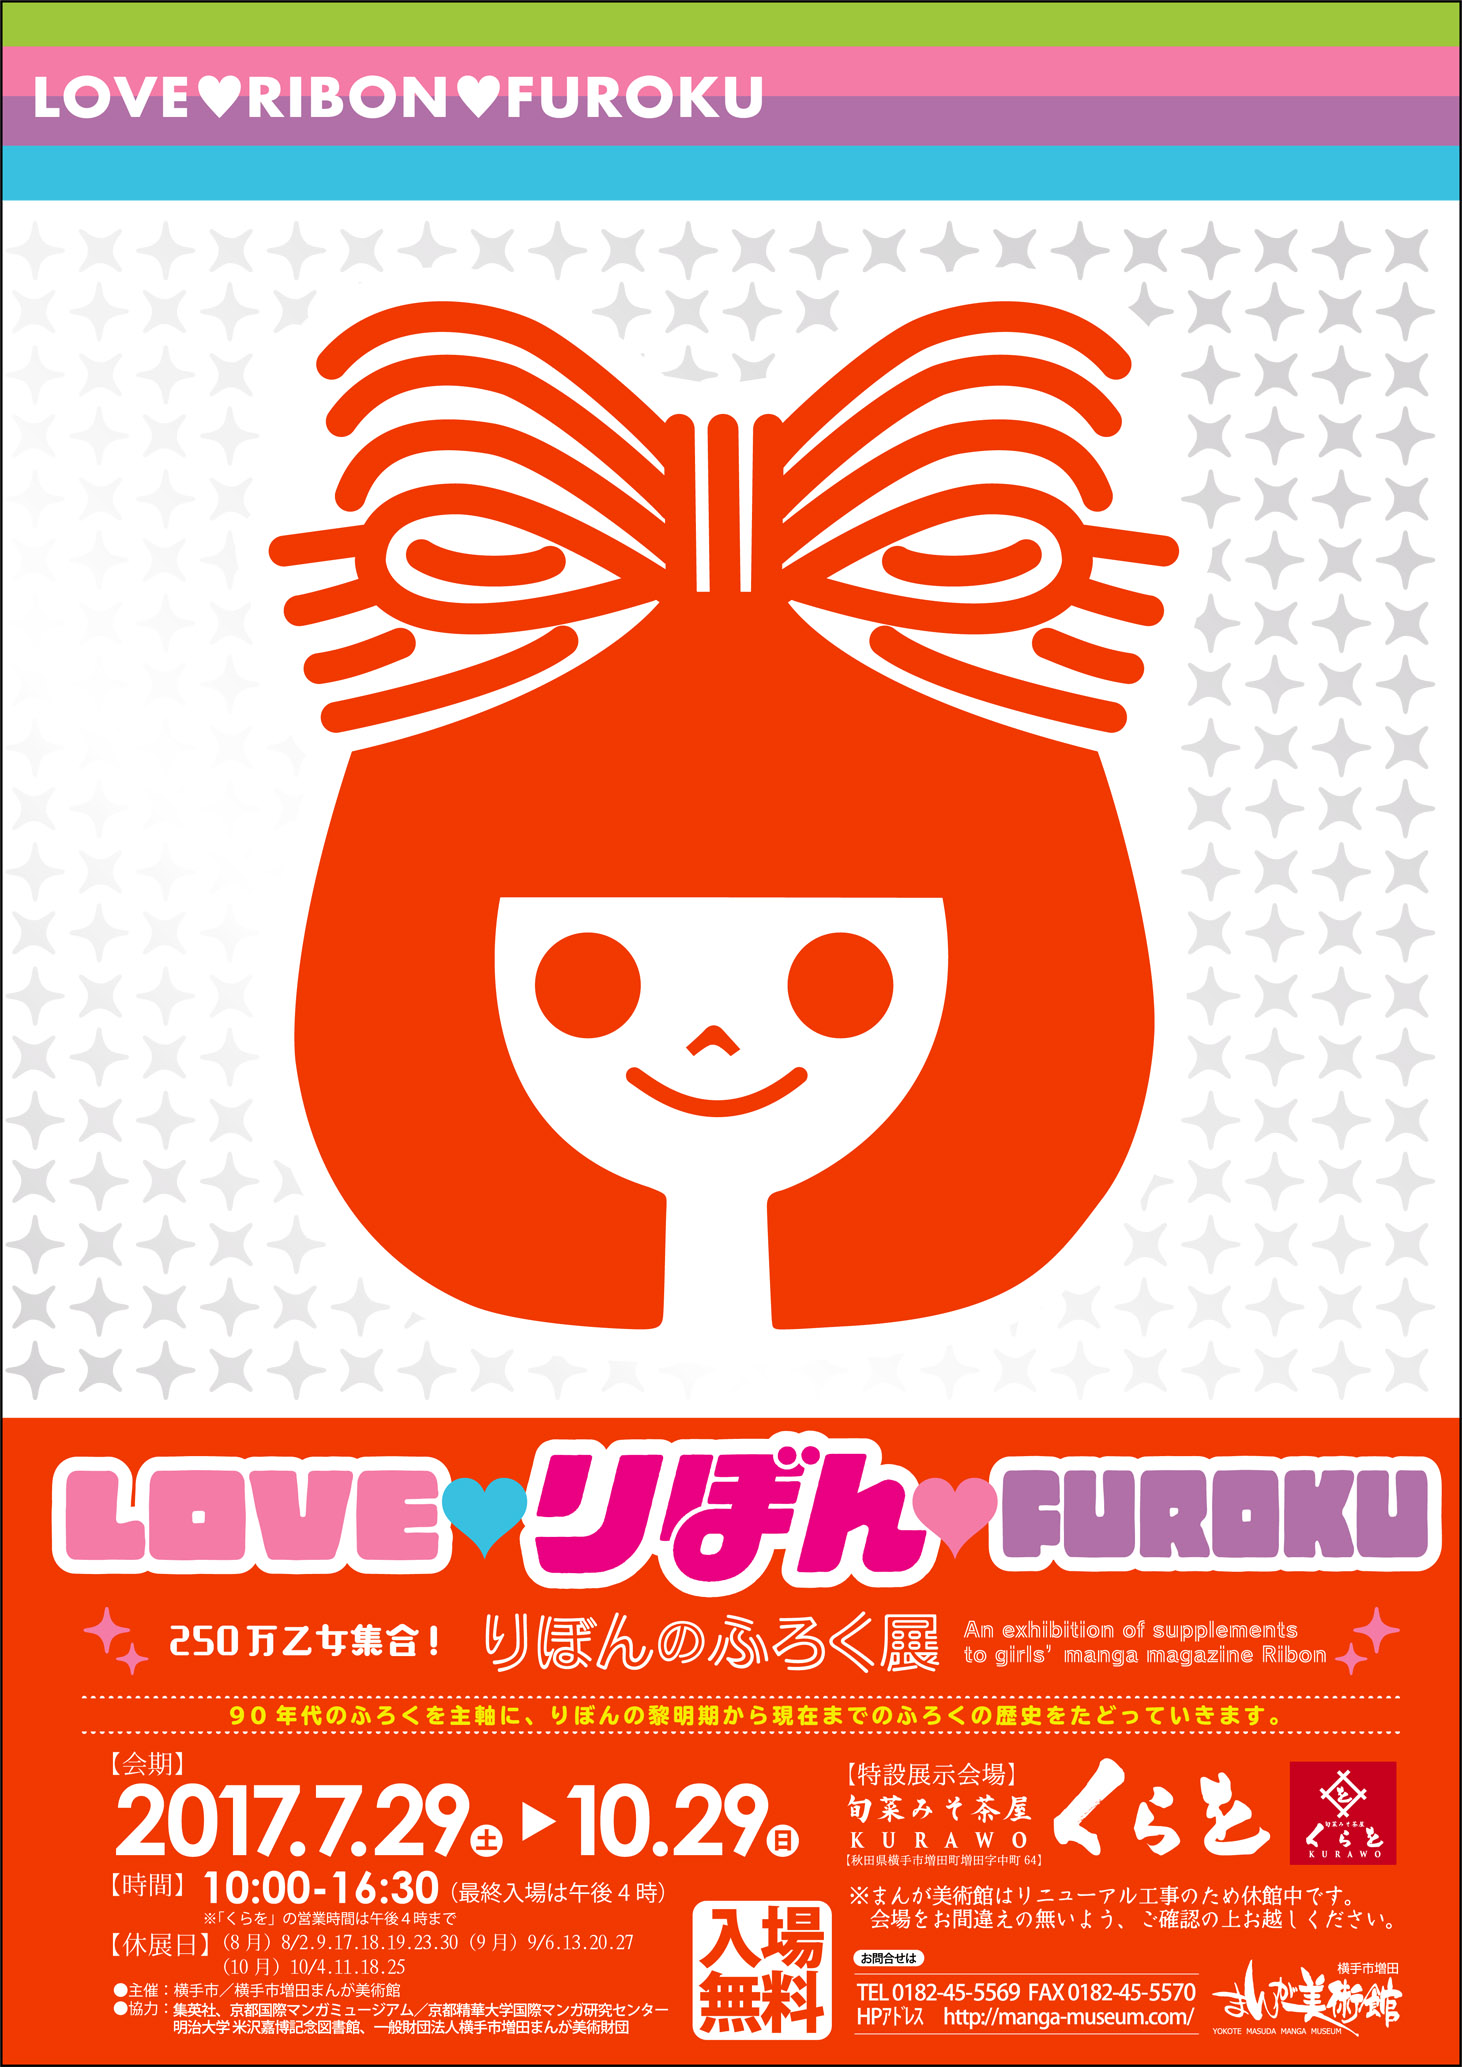 LOVE♥りぼん♥FUROKU250万乙女集合!りぼんのふろく展 秋田県横手市にて開催!